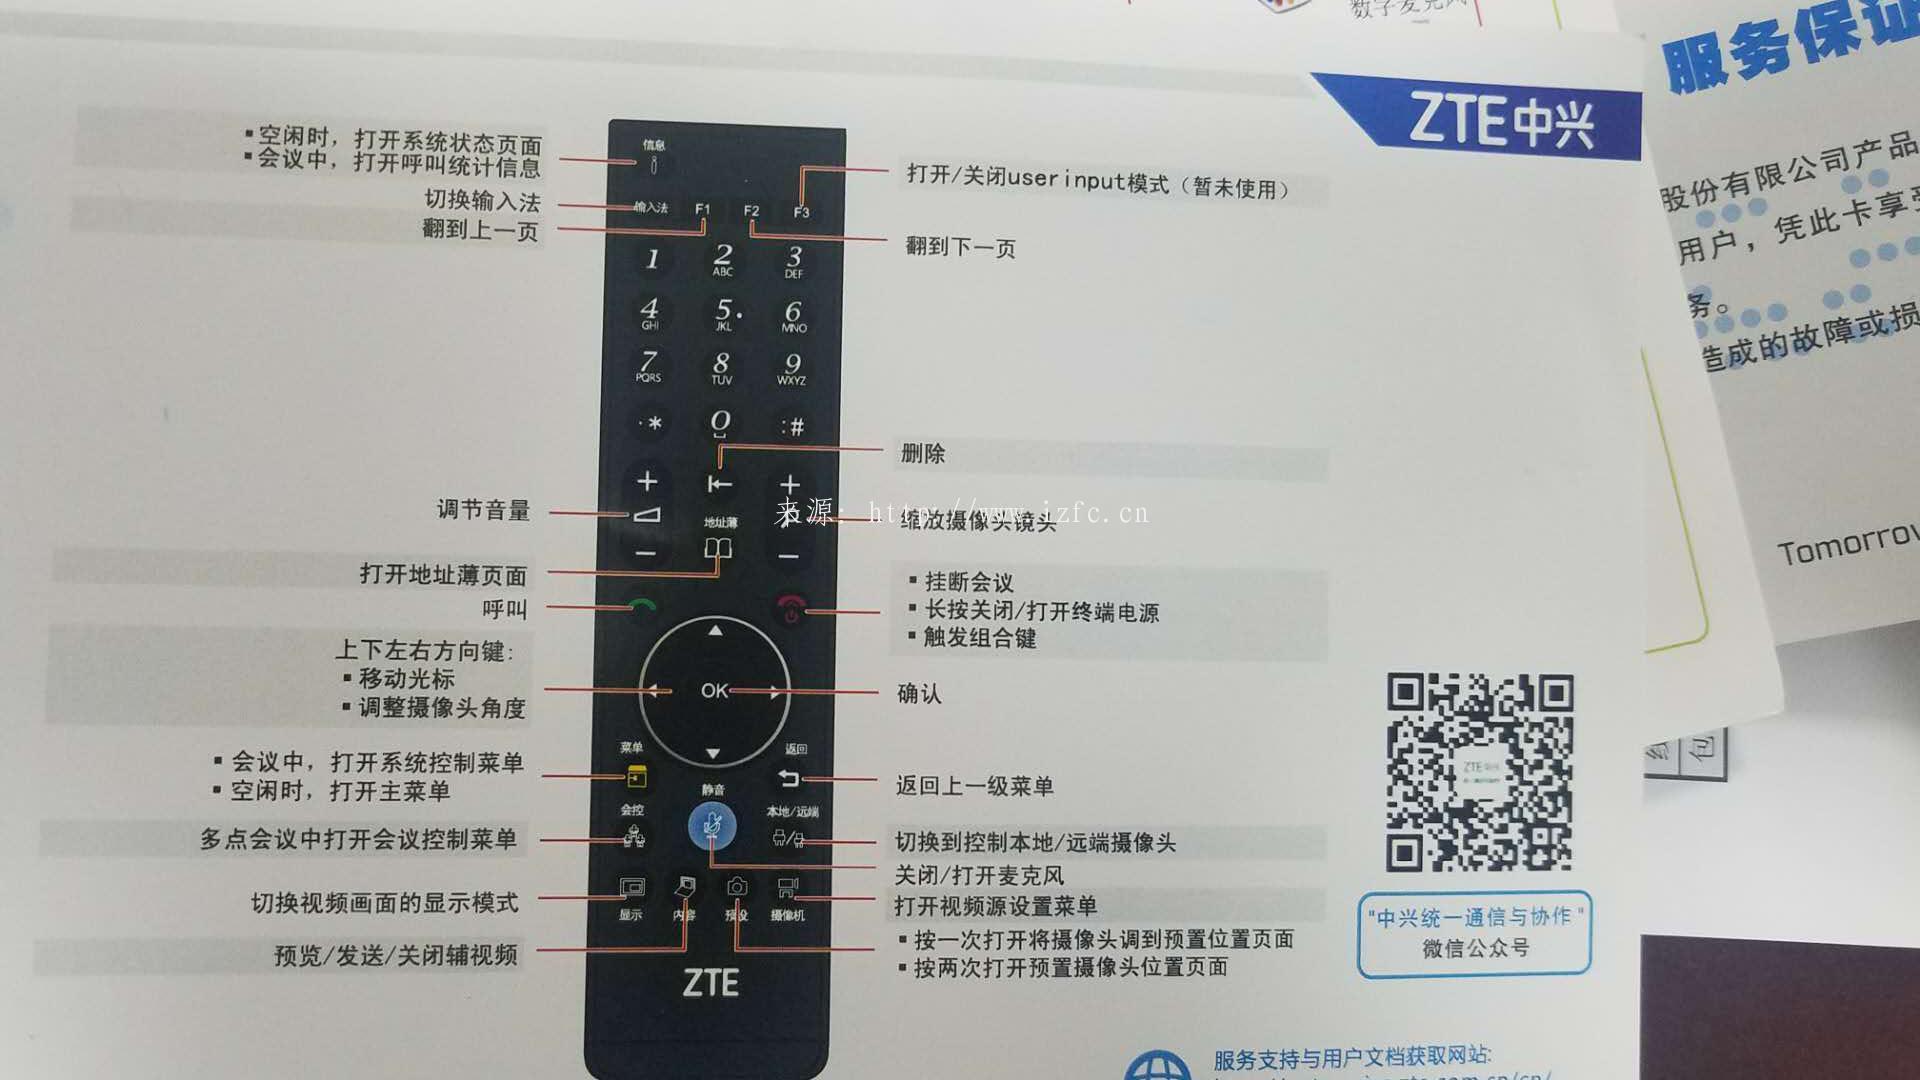 实战中兴ZXV10 T700S终端含T700S产品介绍、安装教程、竞品对比及故障解决 视频会议 第10张